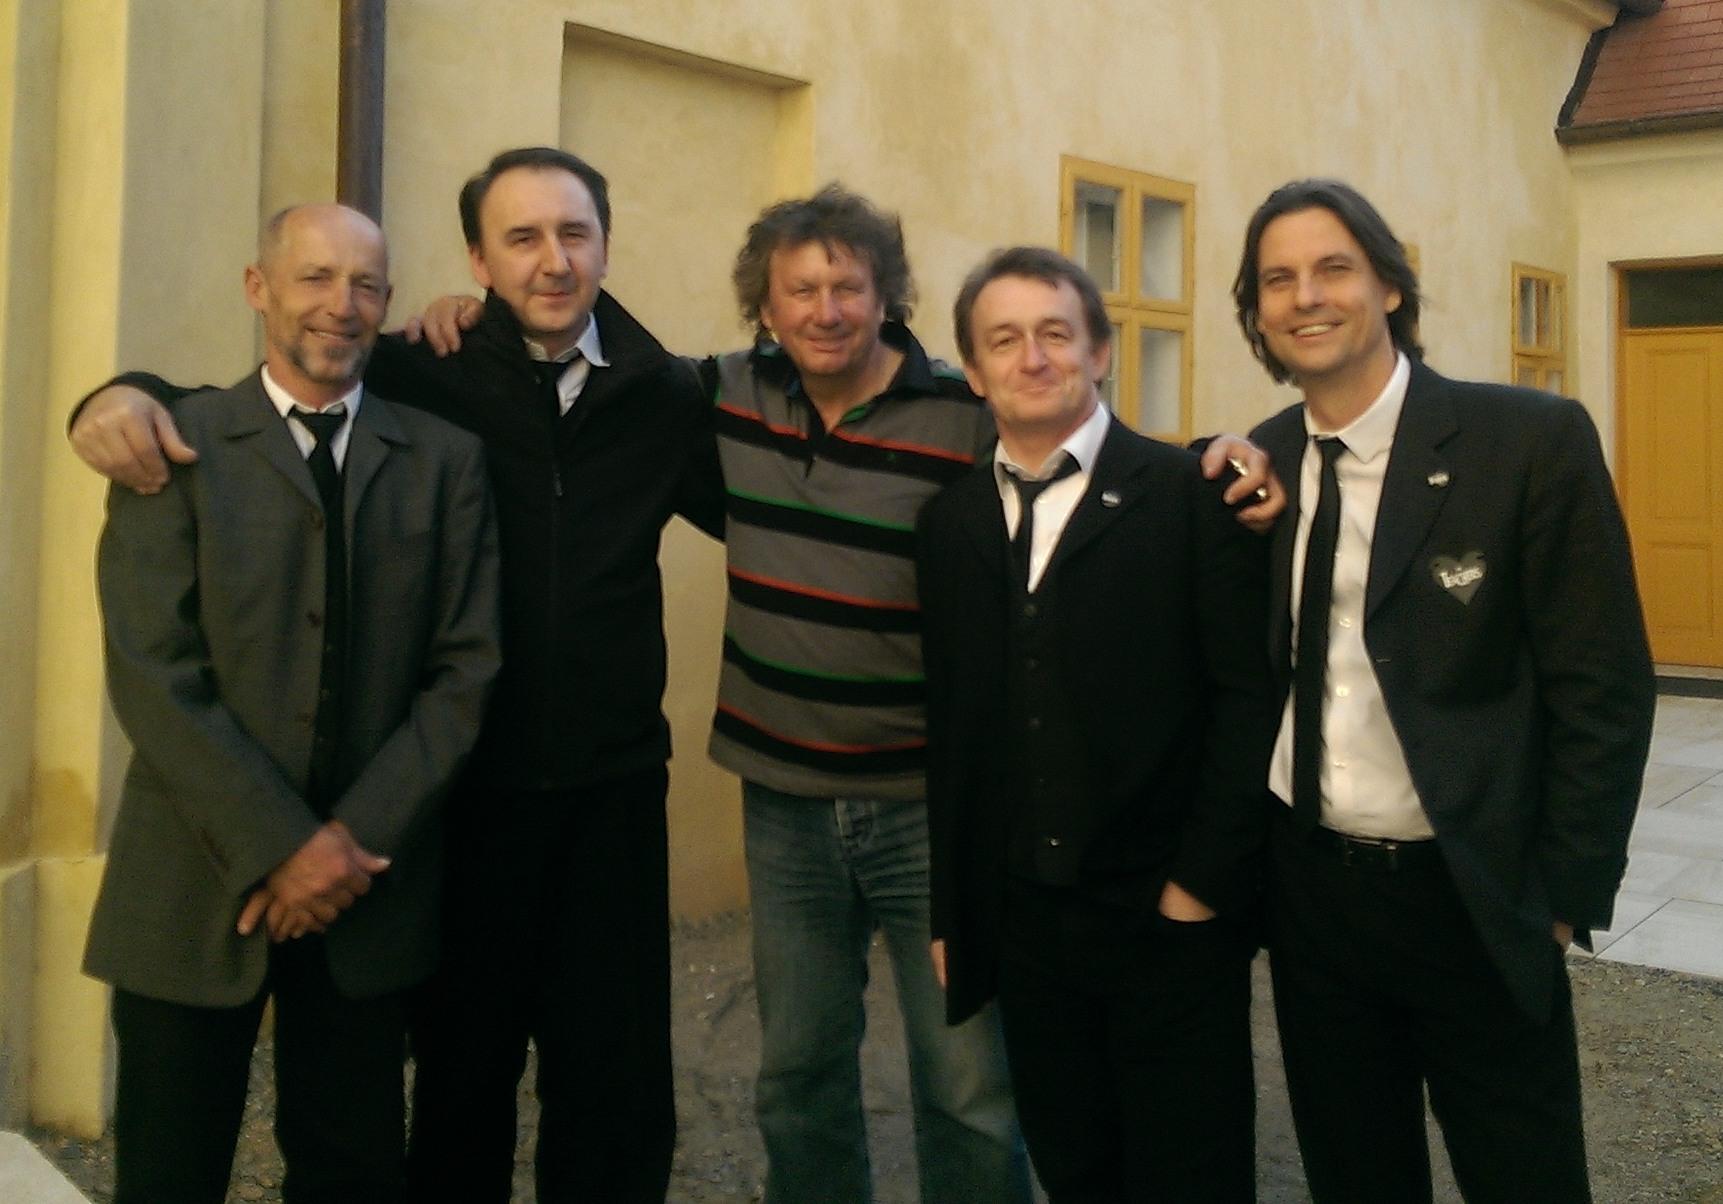 The Teachers + Standa Hložek